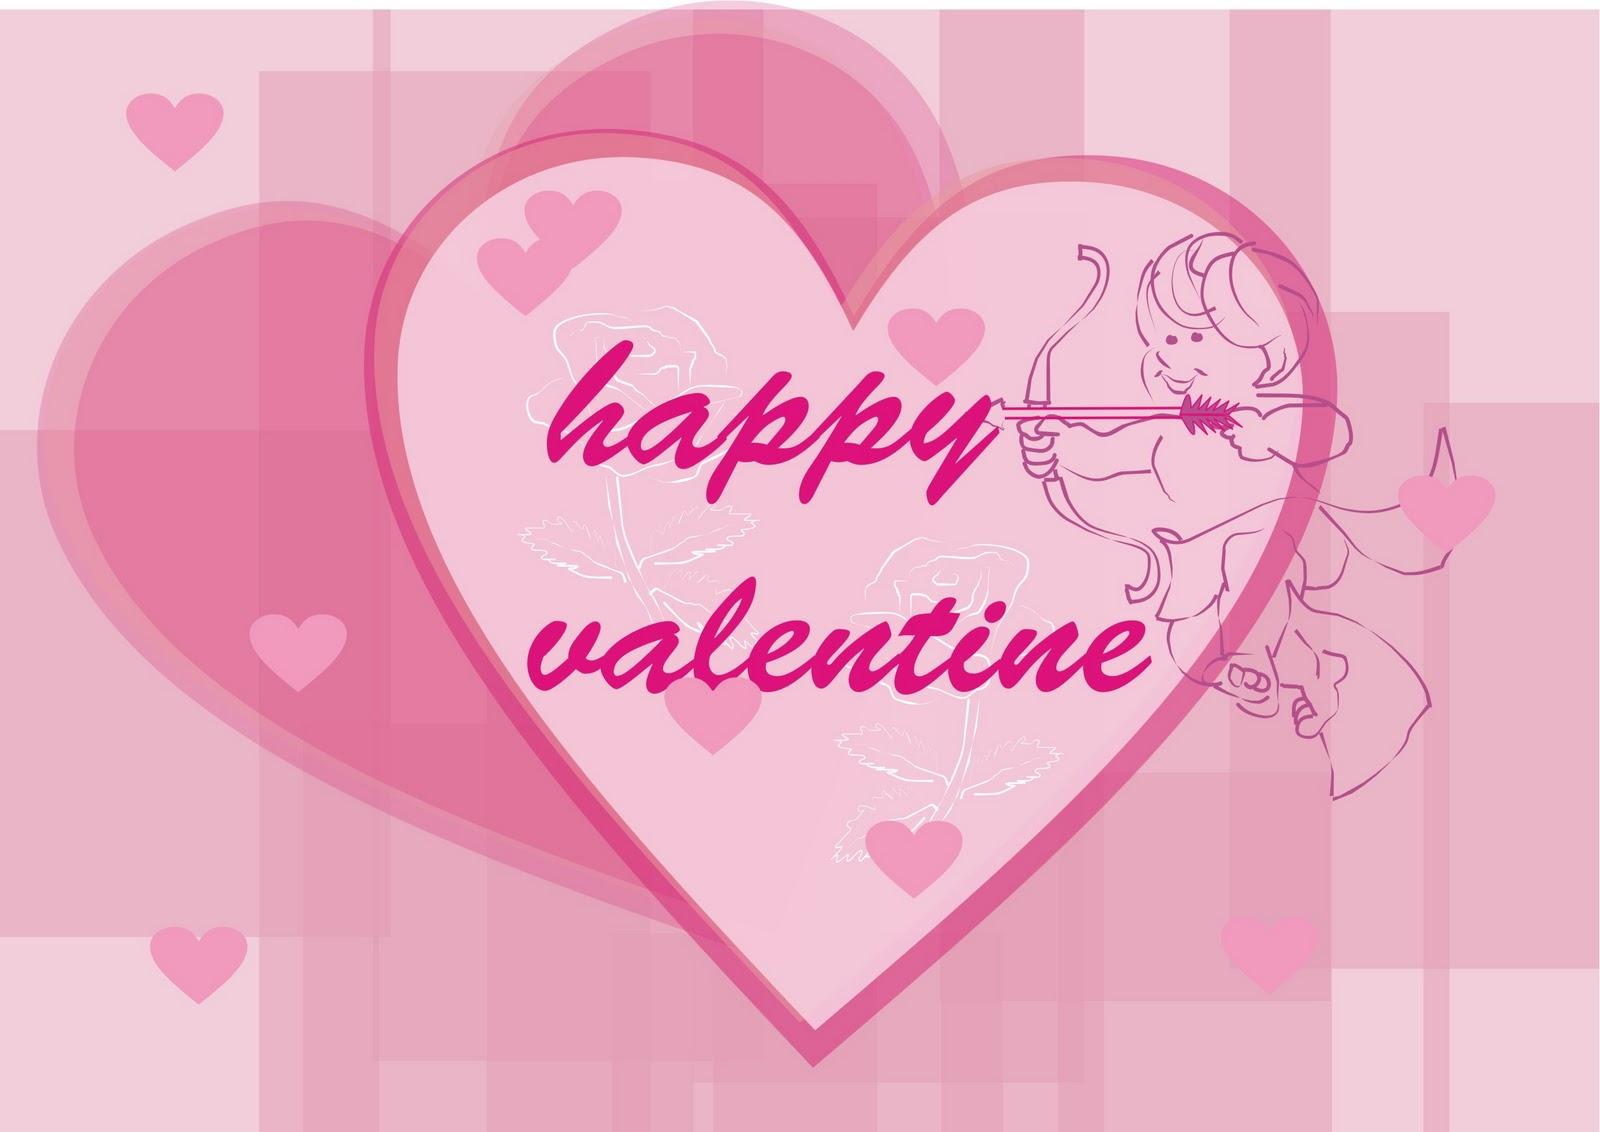 Gambar Meme Hari Valentine Populer Dan Terlengkap  Top Meme